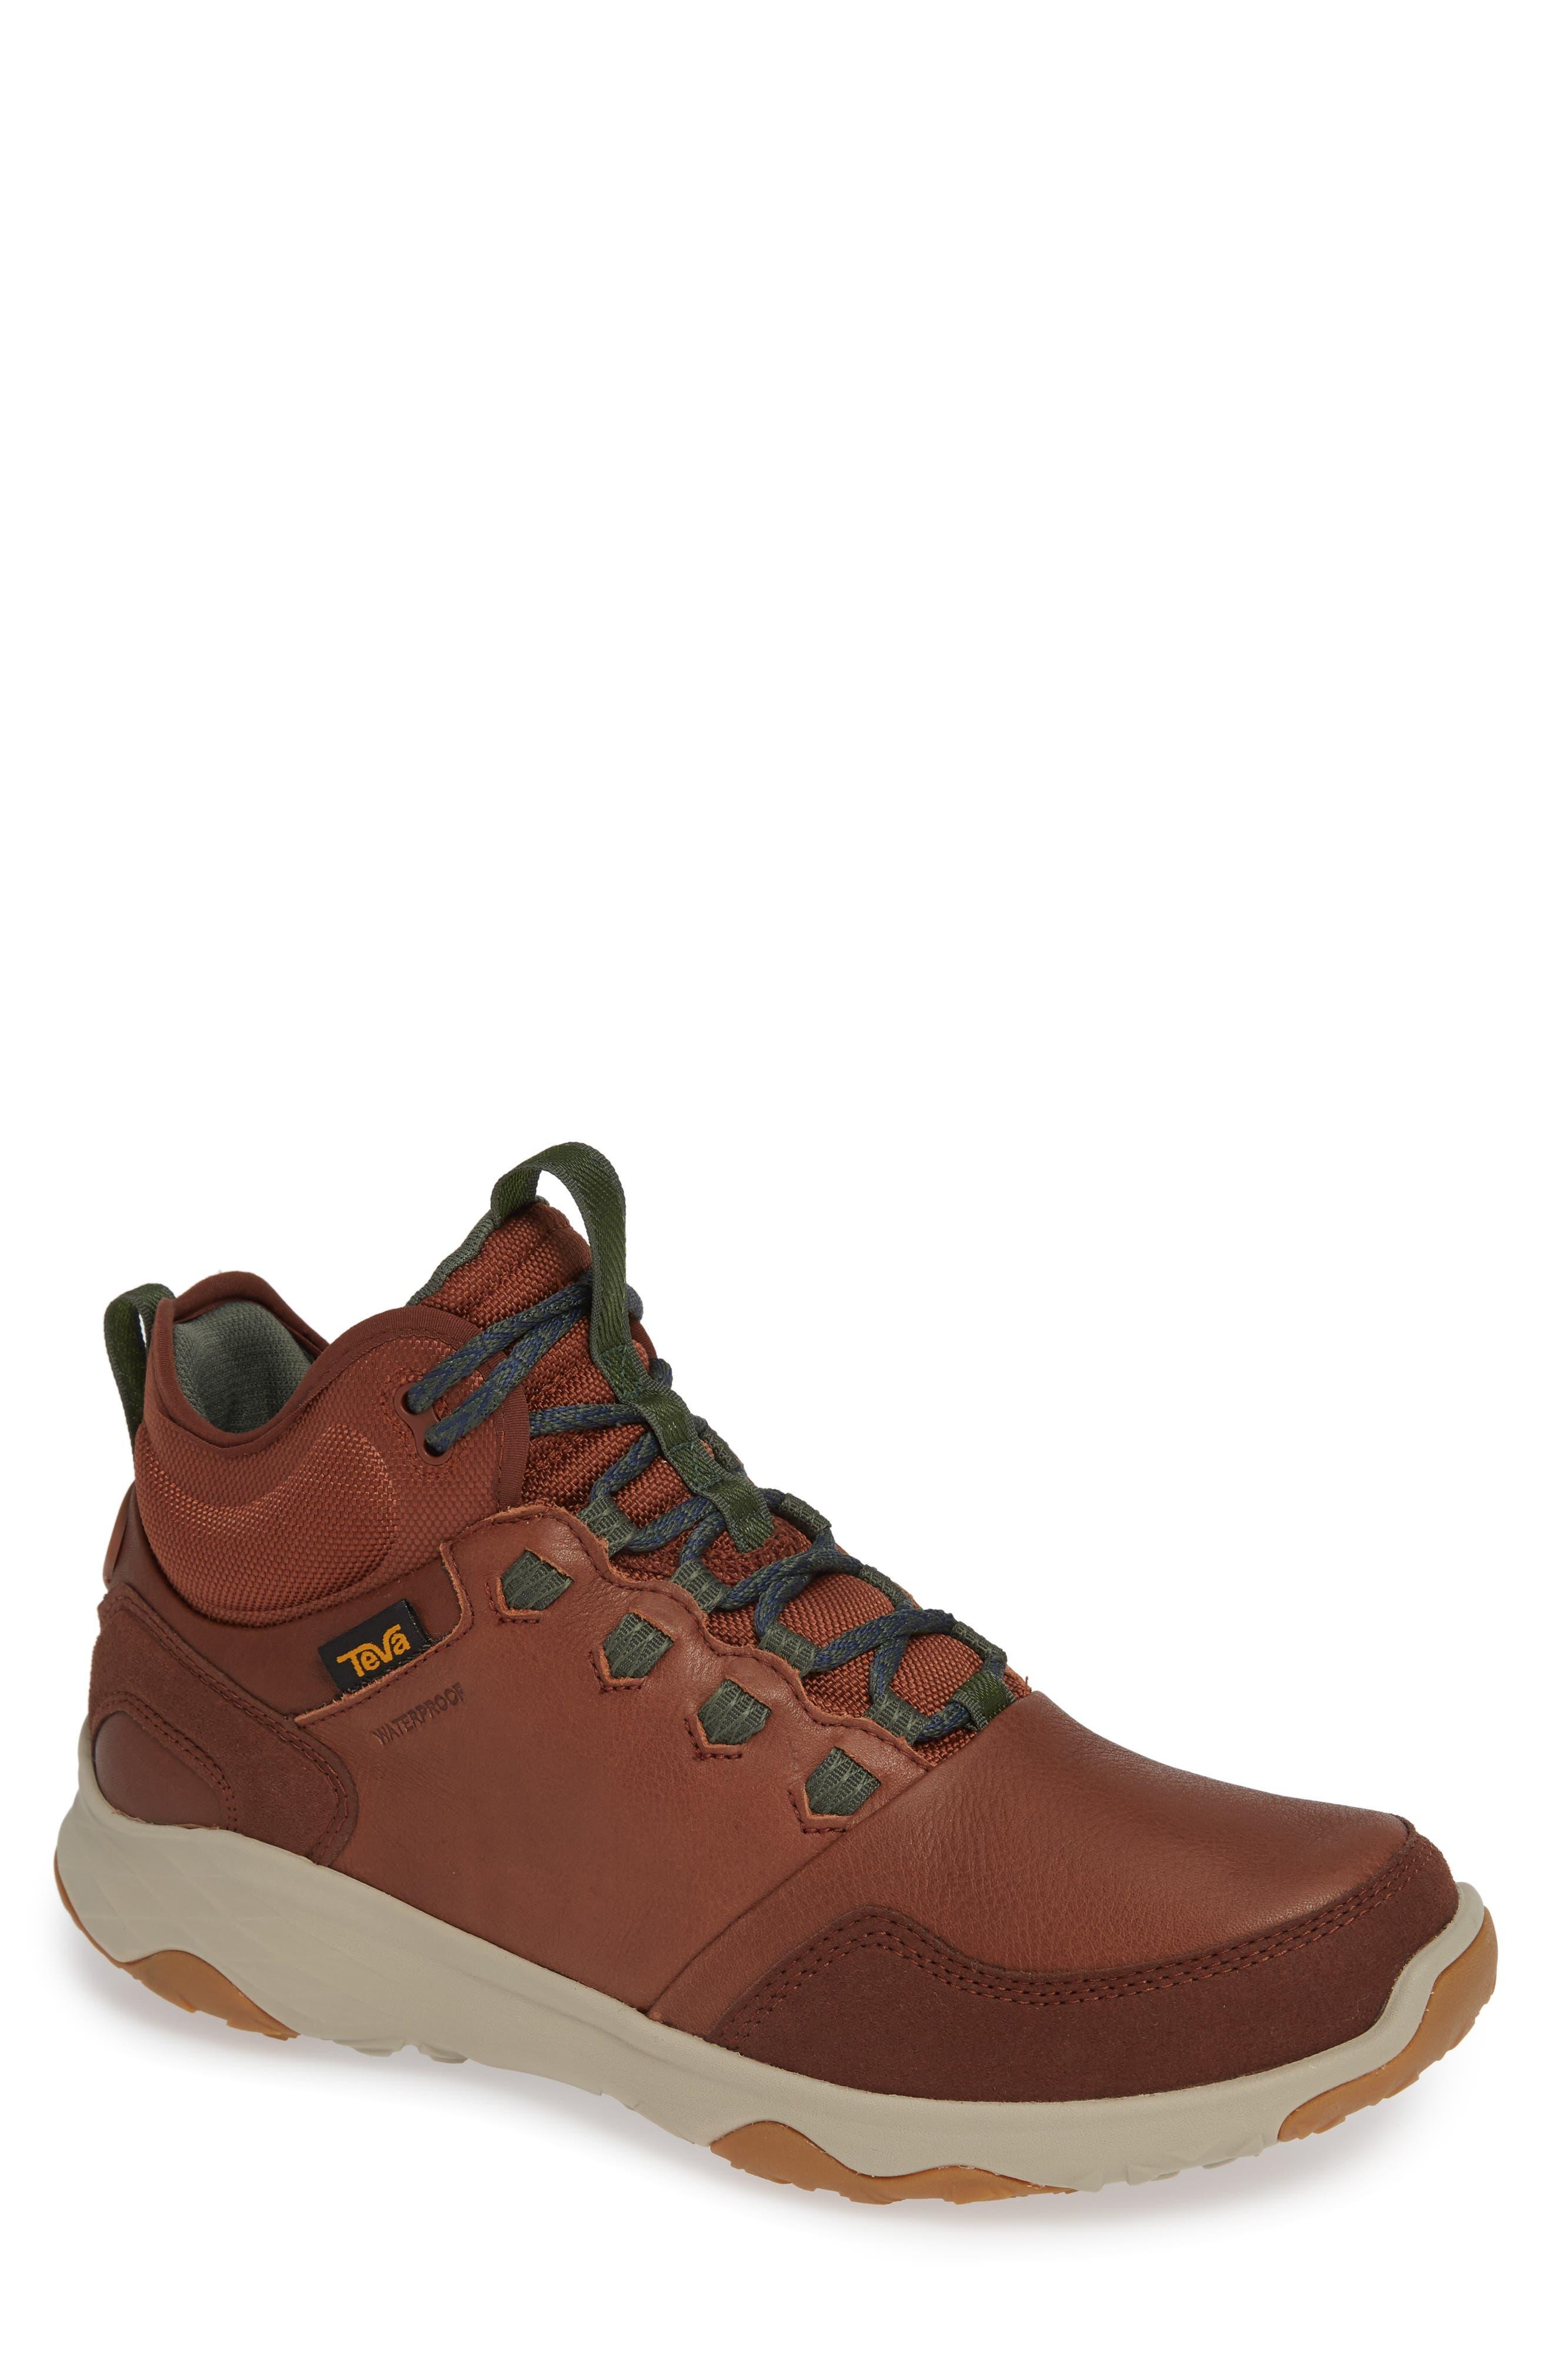 Arrowood 2 Mid Waterproof Sneaker Boot,                         Main,                         color, 242